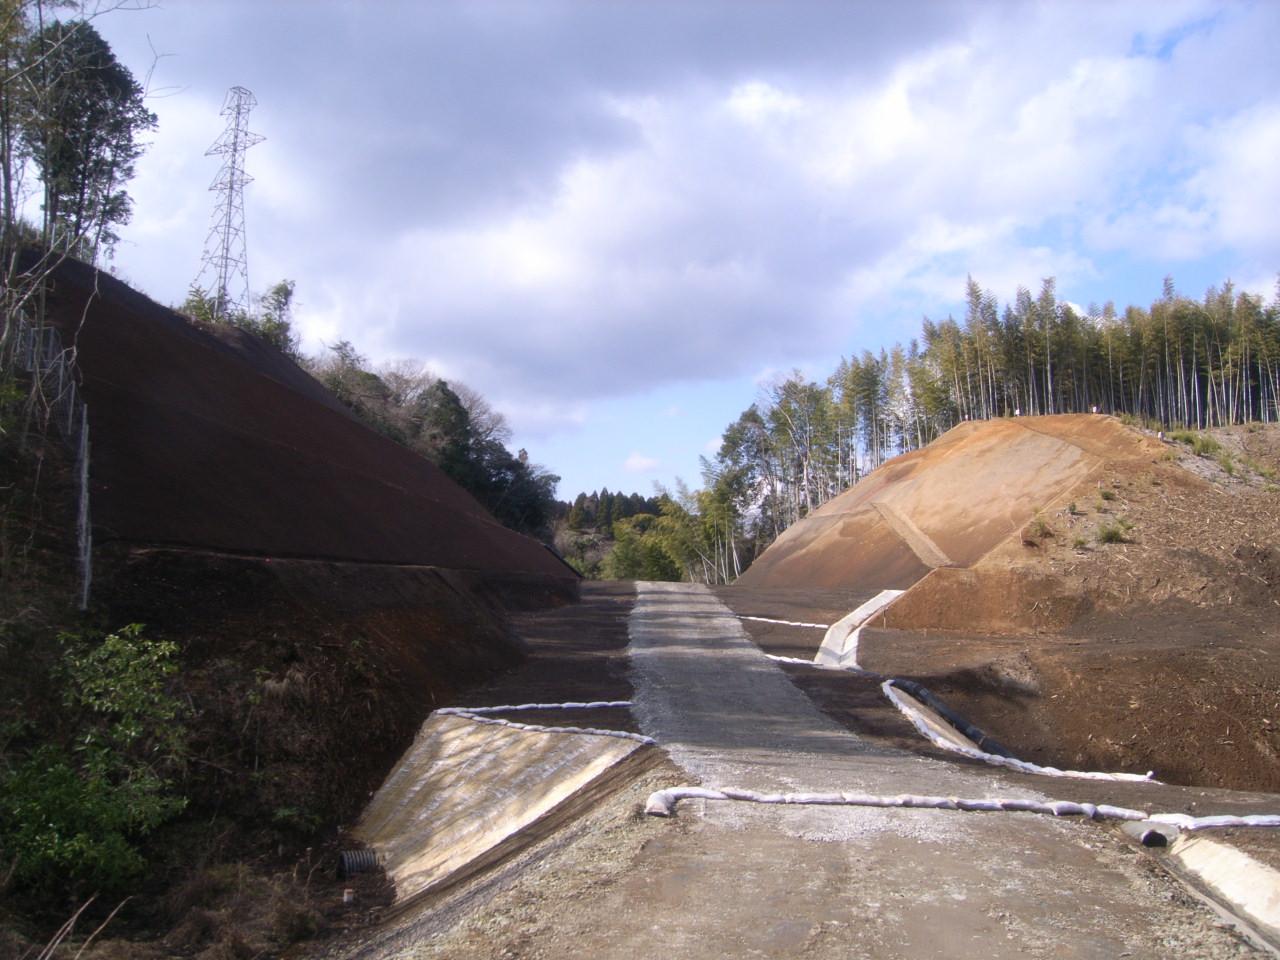 九州横断道(嘉島~山都)西原地区改良3期イメージ